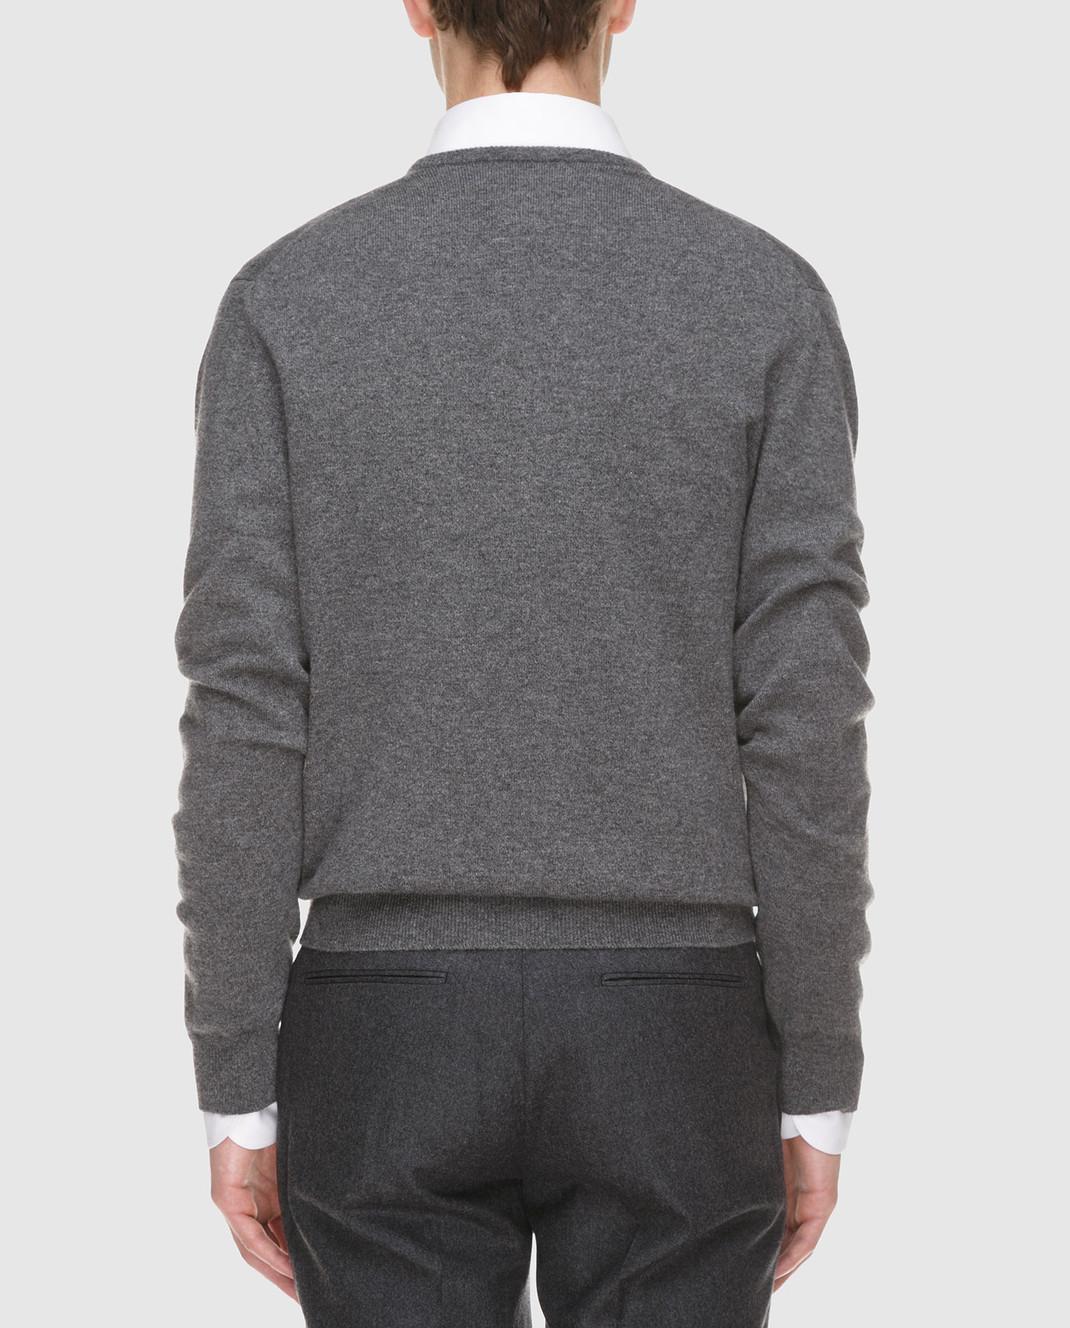 Johnstons Серый пуловер из кашемира KAL03406 изображение 4